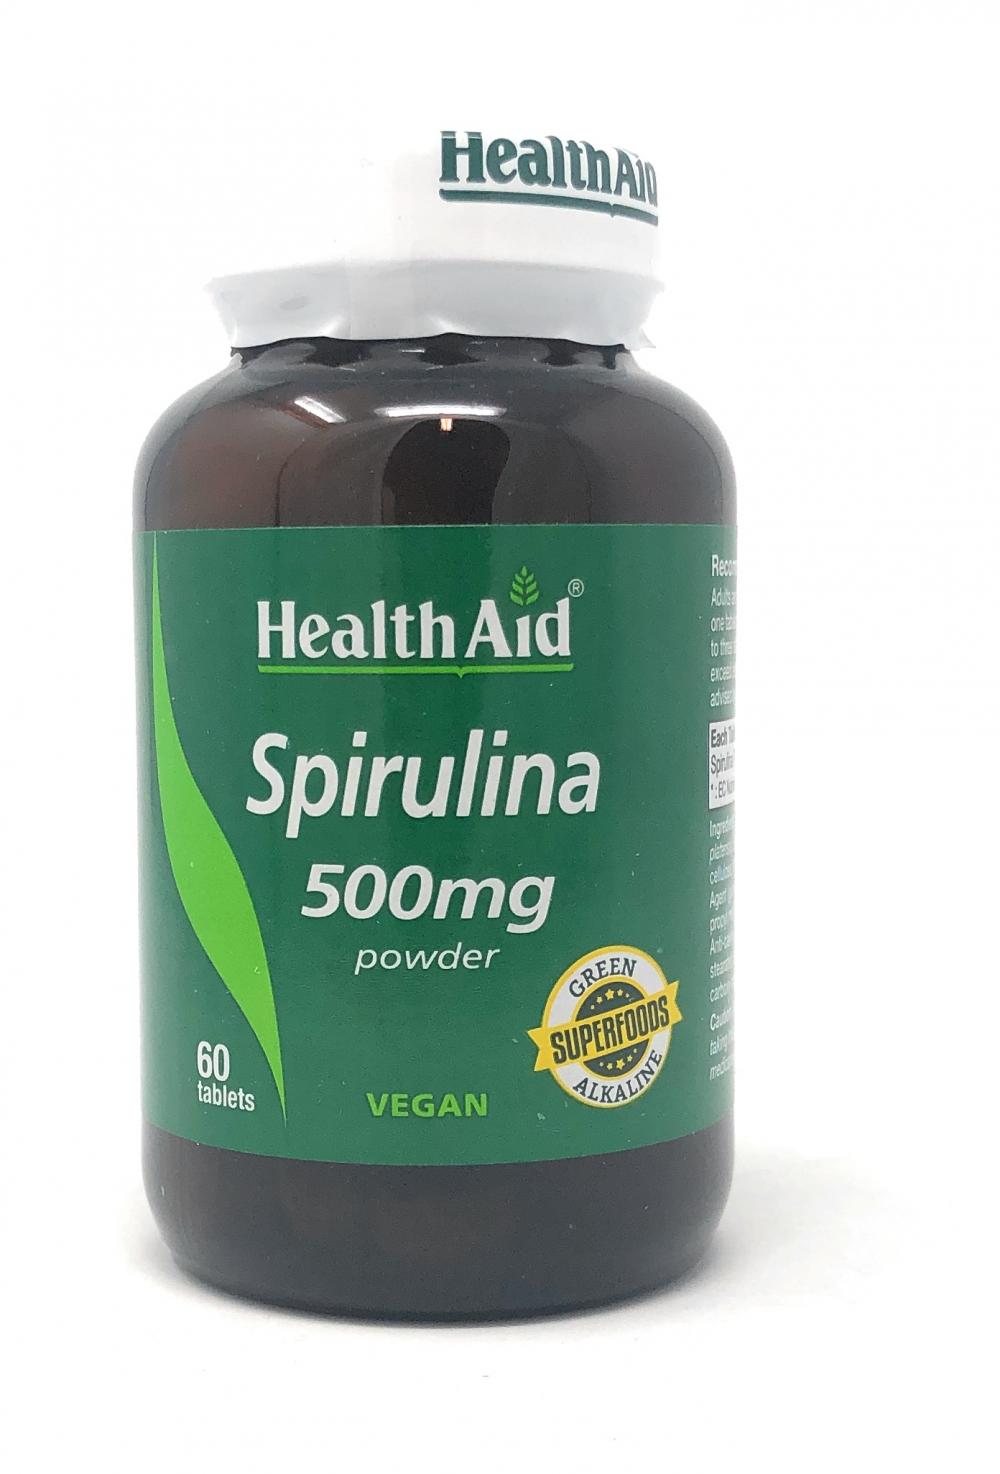 HealthAid Spirulina 500mg 60 Tabletten (vegan)